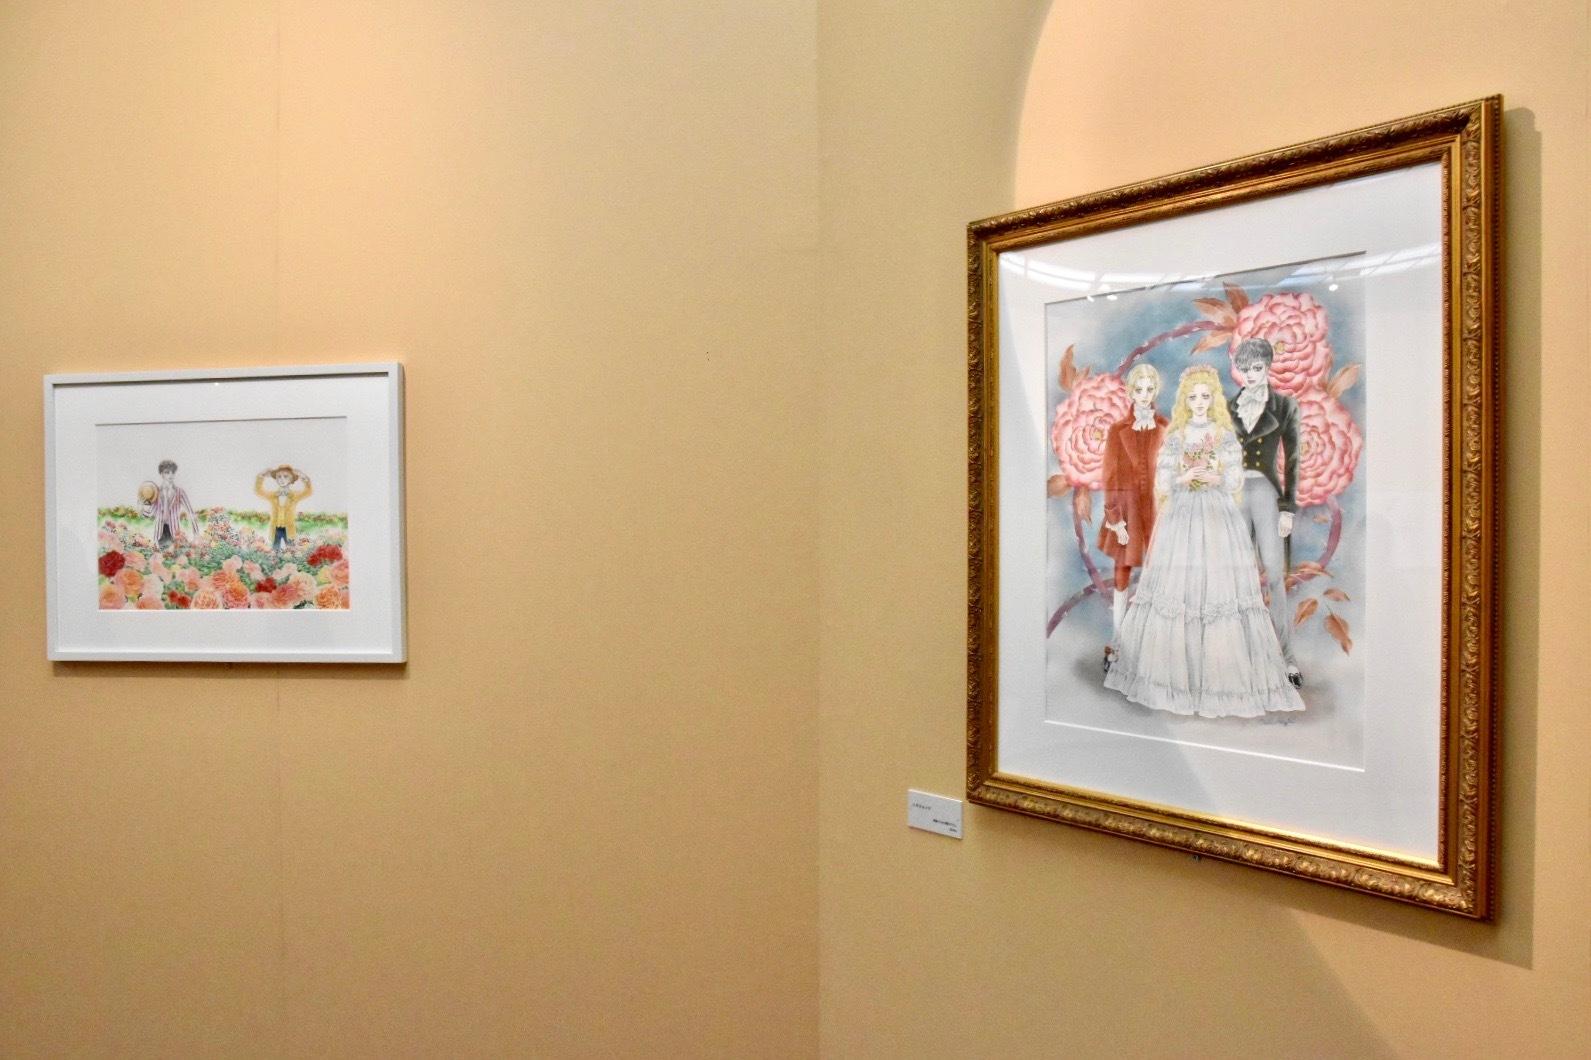 右の作品は本展のための描き下ろしイラスト (C)萩尾望都/小学館